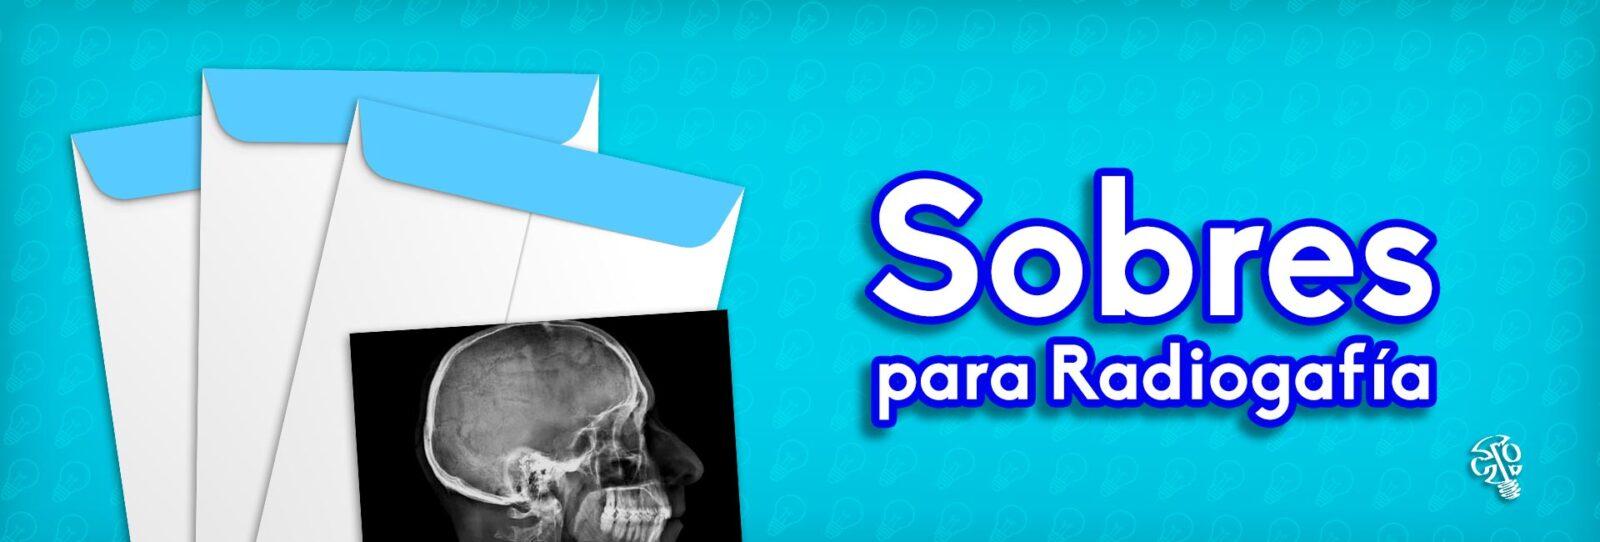 b_8_Papeleria_radiografia